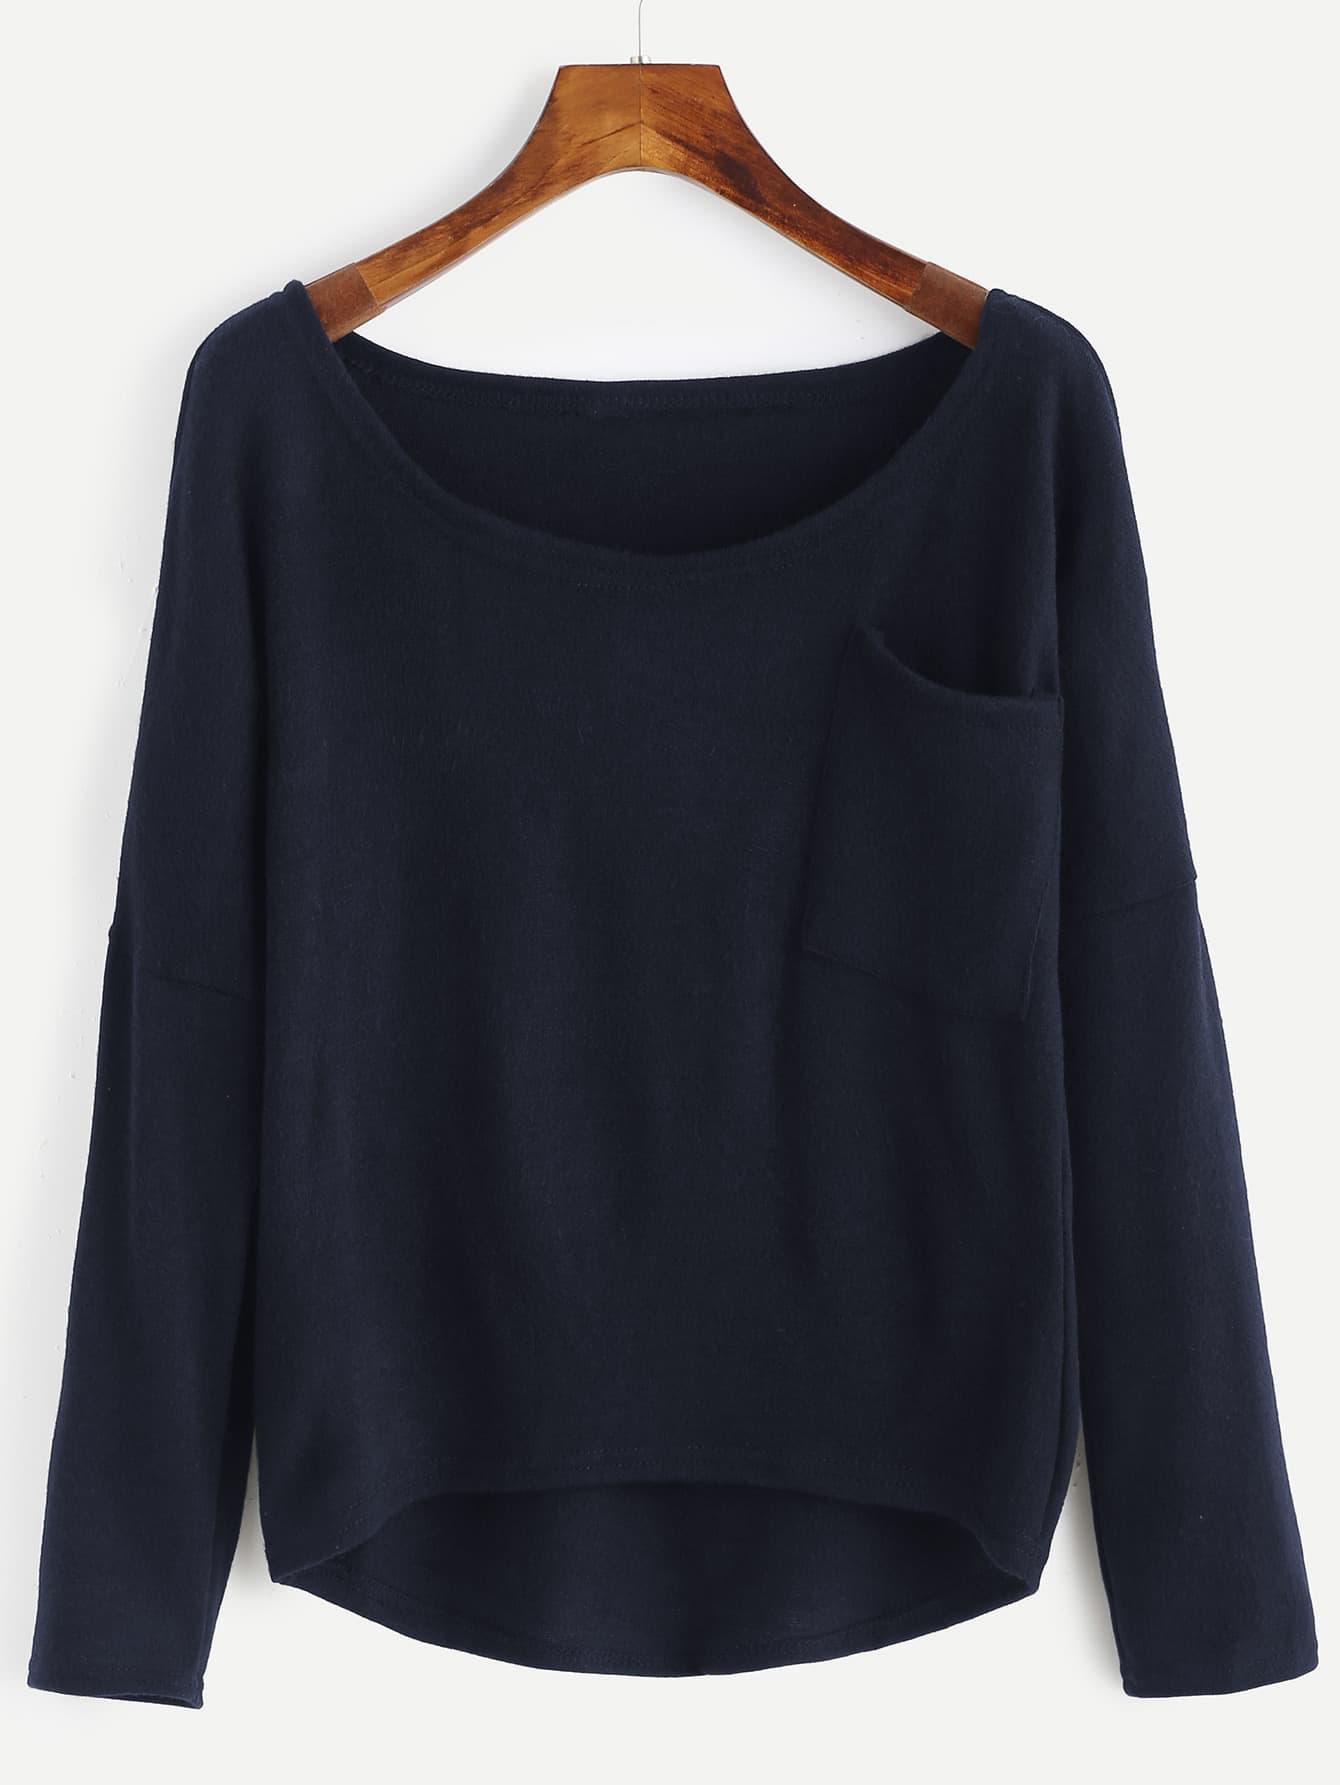 Asymmetrischer Strick Pullover mit sehr tief angesetzter Schulterpartie